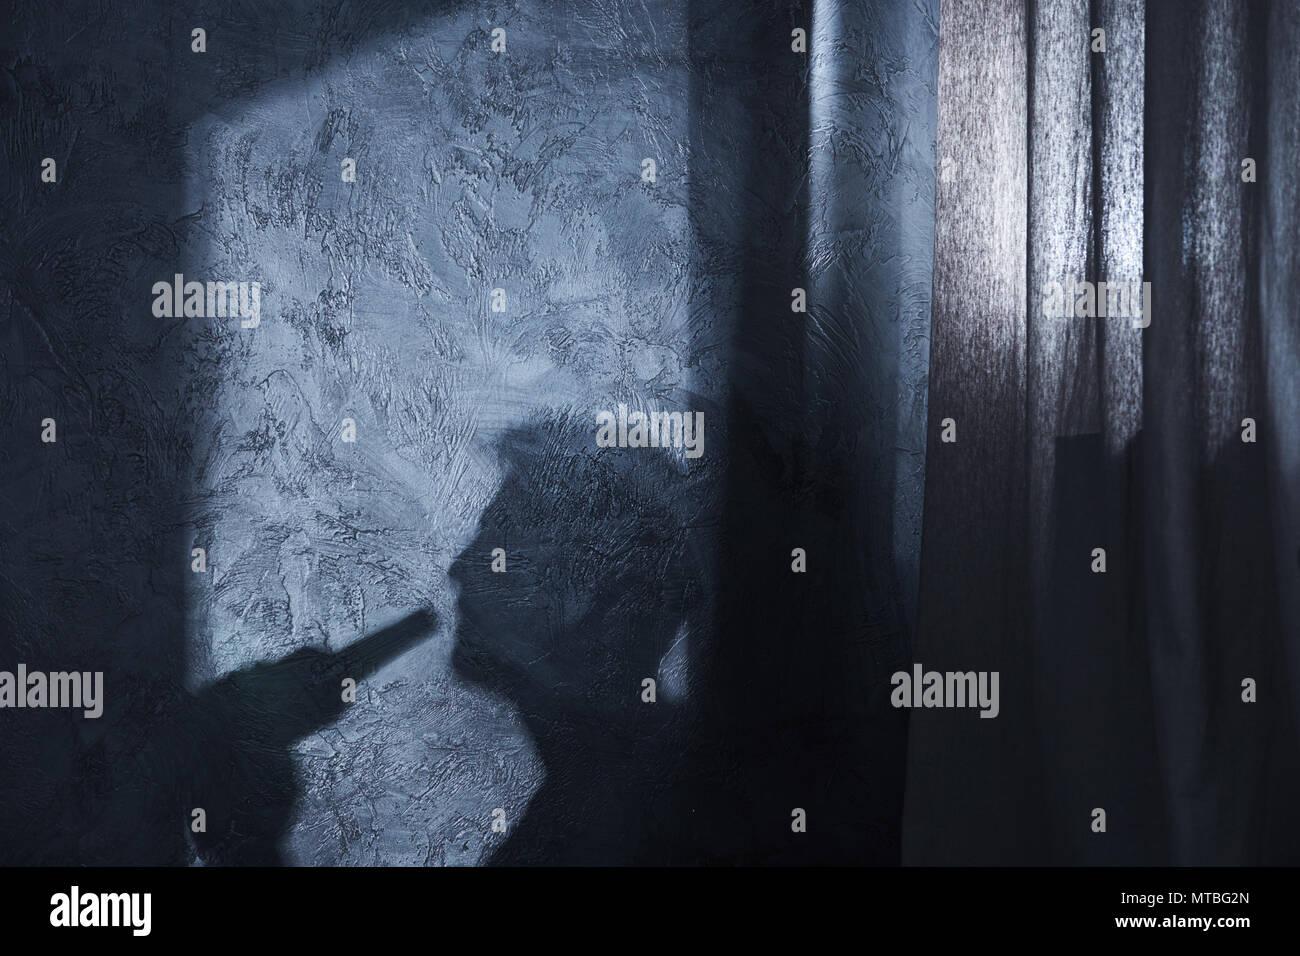 Sombra de beber al hombre en la pared Imagen De Stock